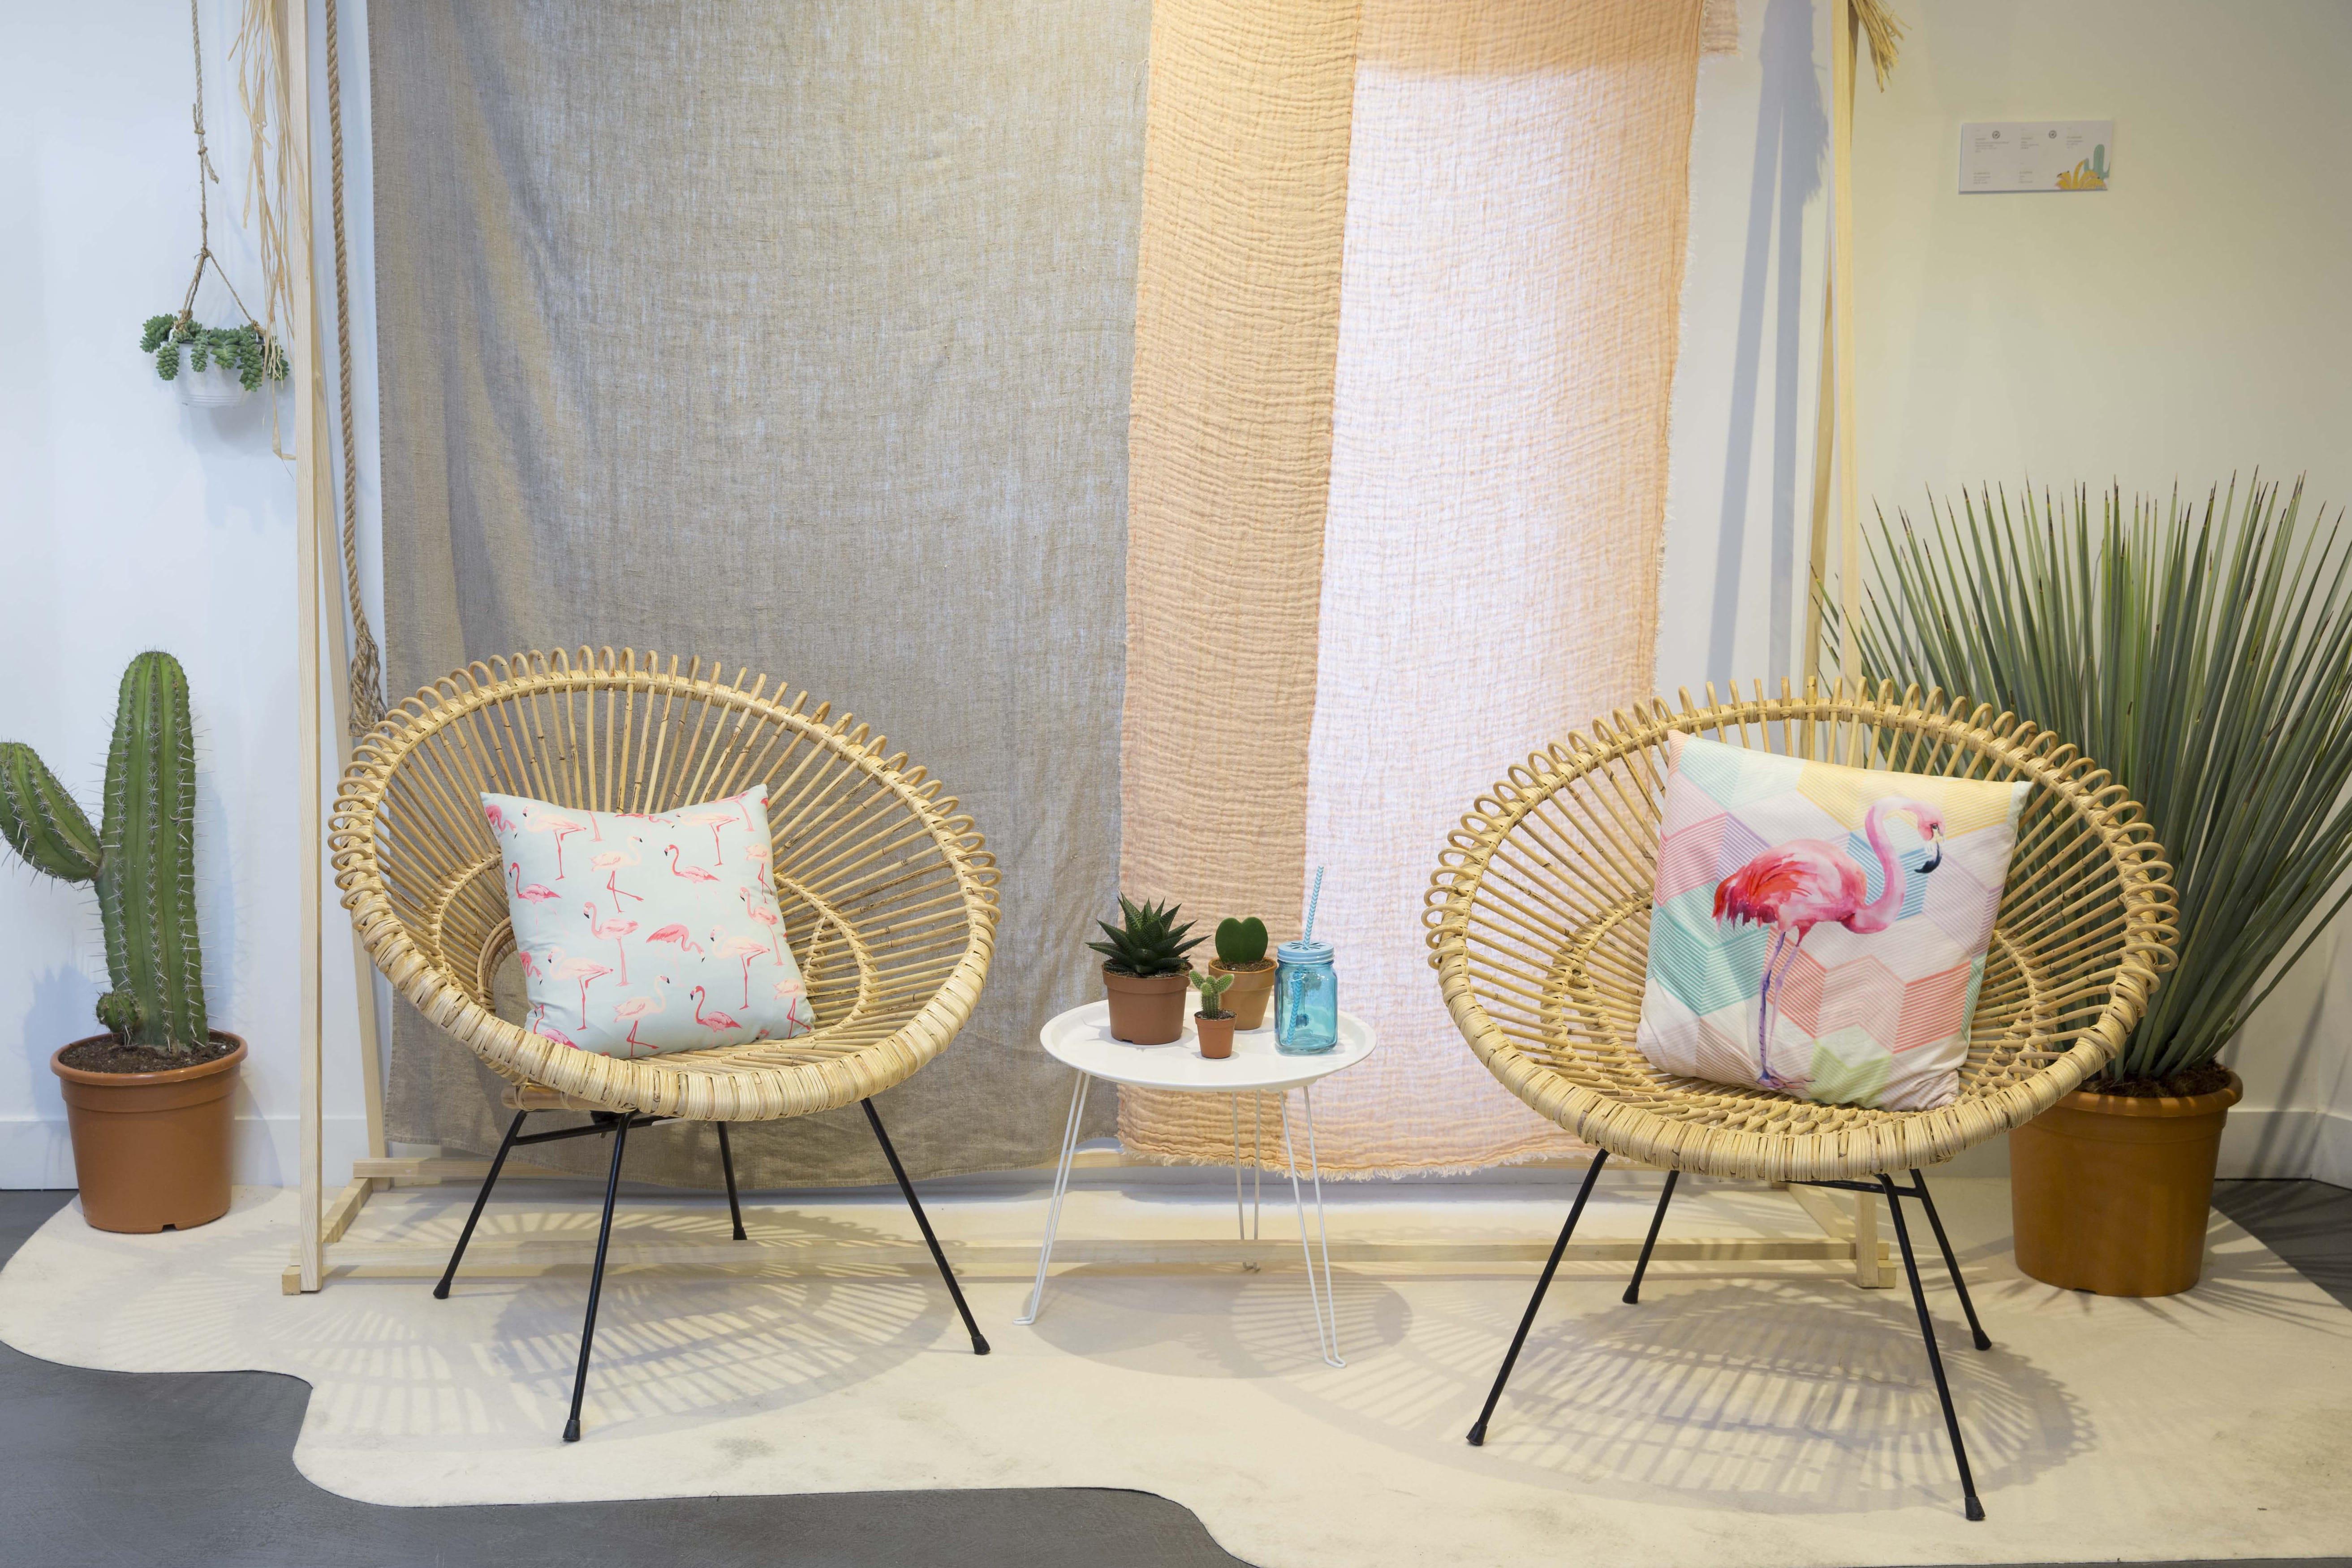 10286078-fauteuil-hawai-par-conforama Frais De Conforama Table Chaise Des Idées